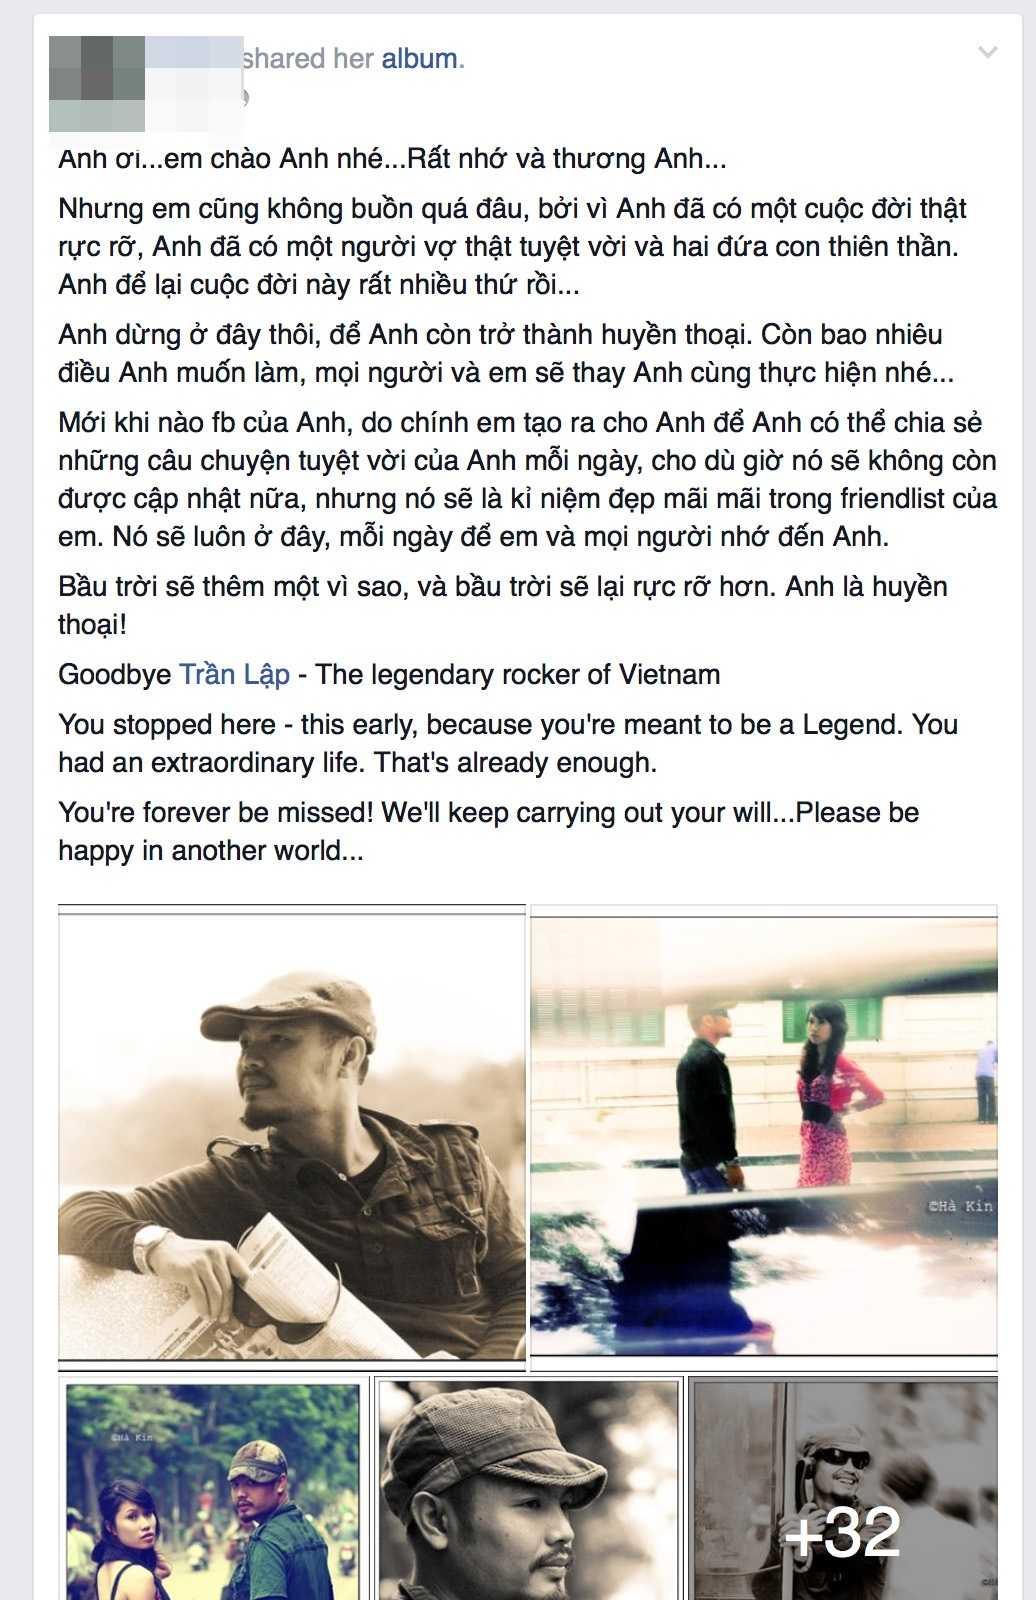 Chị Hà Vũ chia sẻ về Trần Lập (Ảnh chụp màn hình)